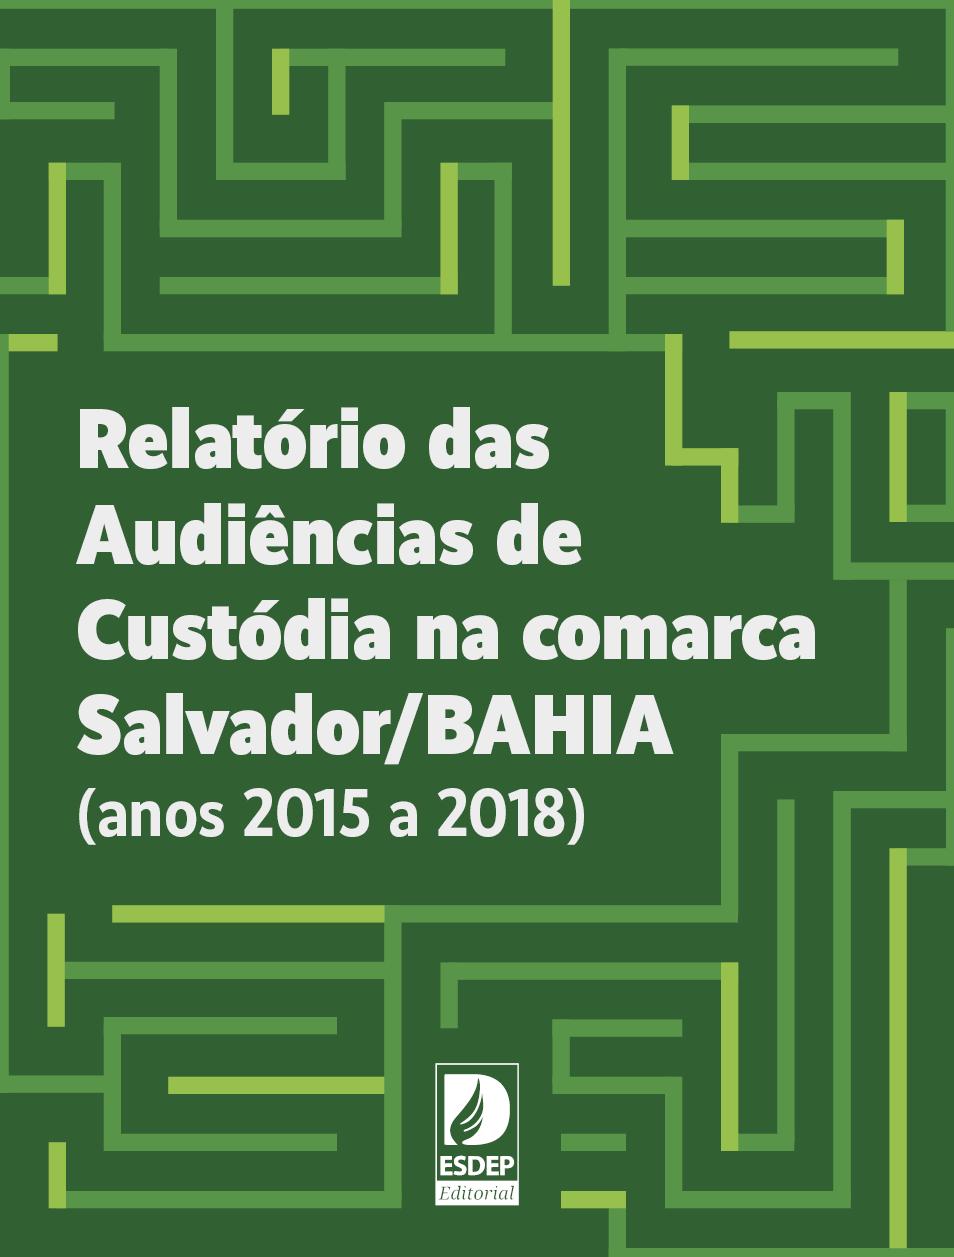 Relatório das Audiências de Custódia na comarca de Salvador/BAHIA (anos 2015 a 2018)